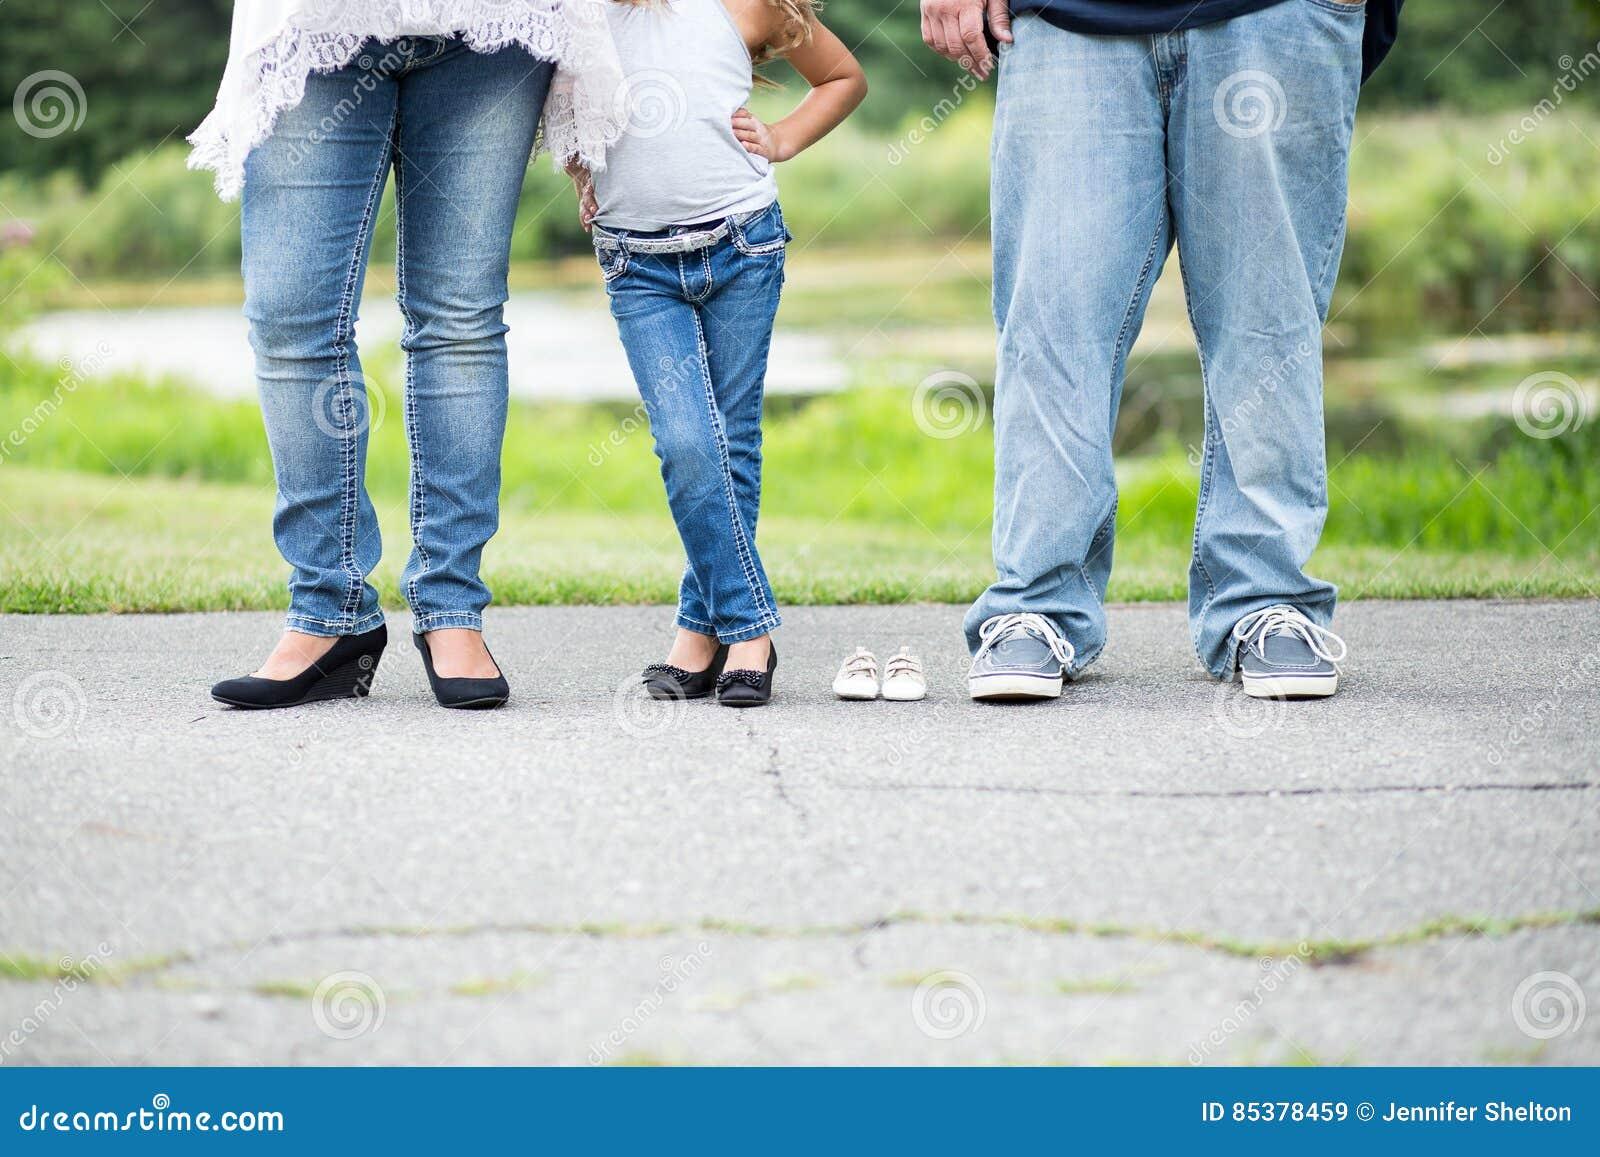 Image de maternité de famille